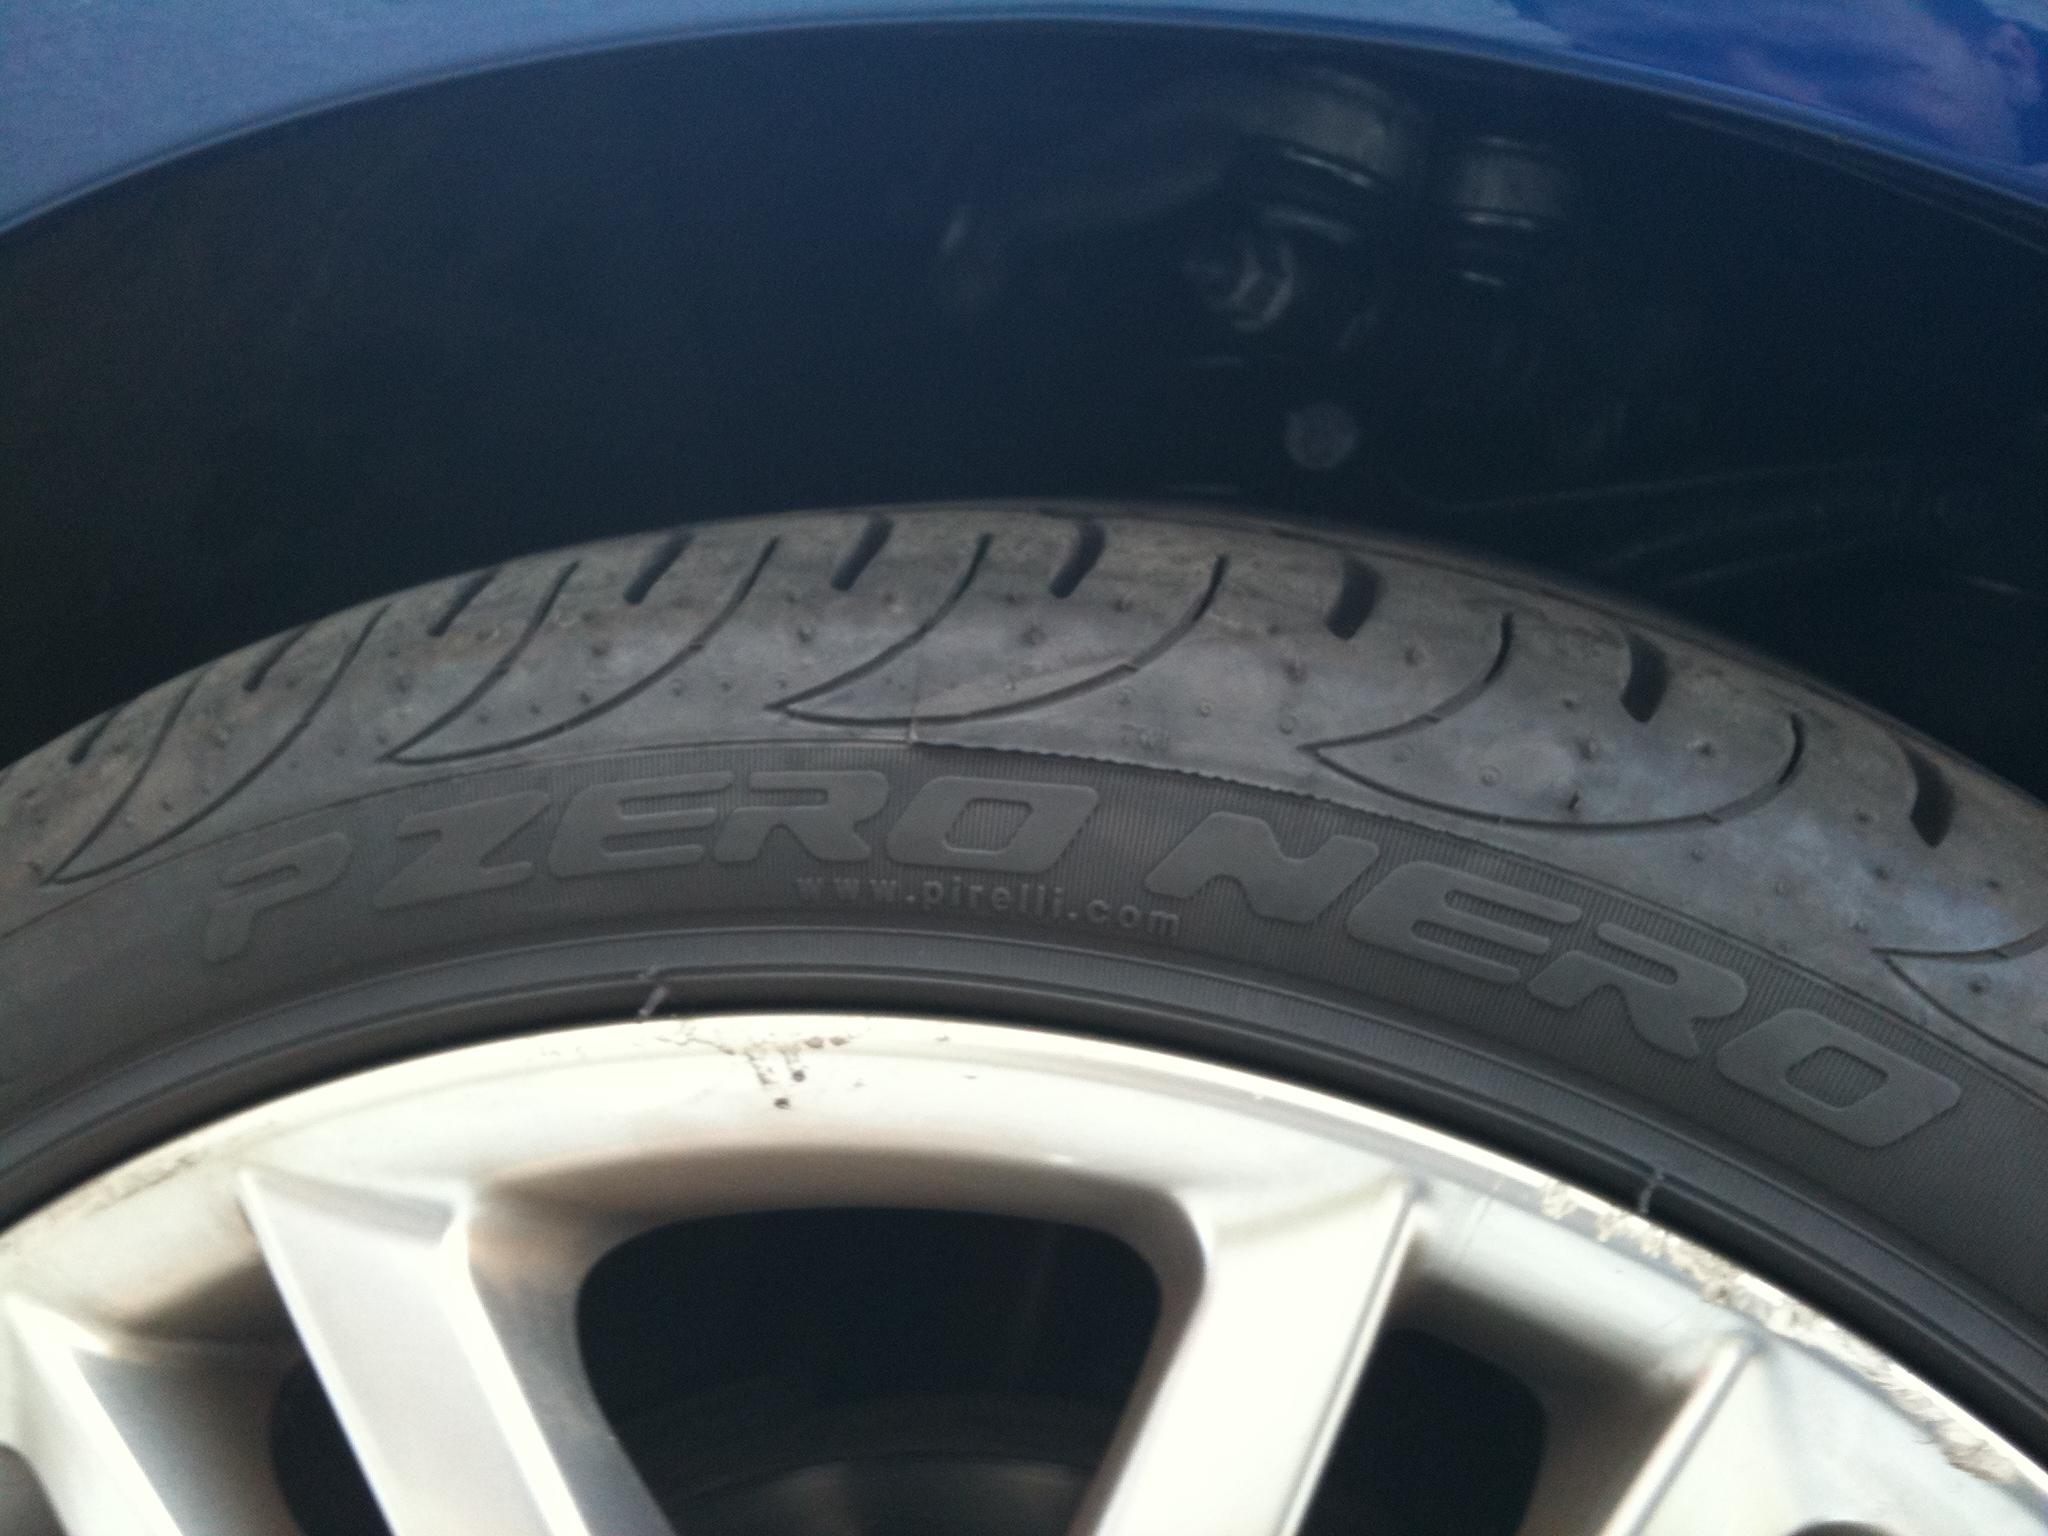 http://nsm05.casimages.com/img/2011/04/17//110417075951170698007732.jpg